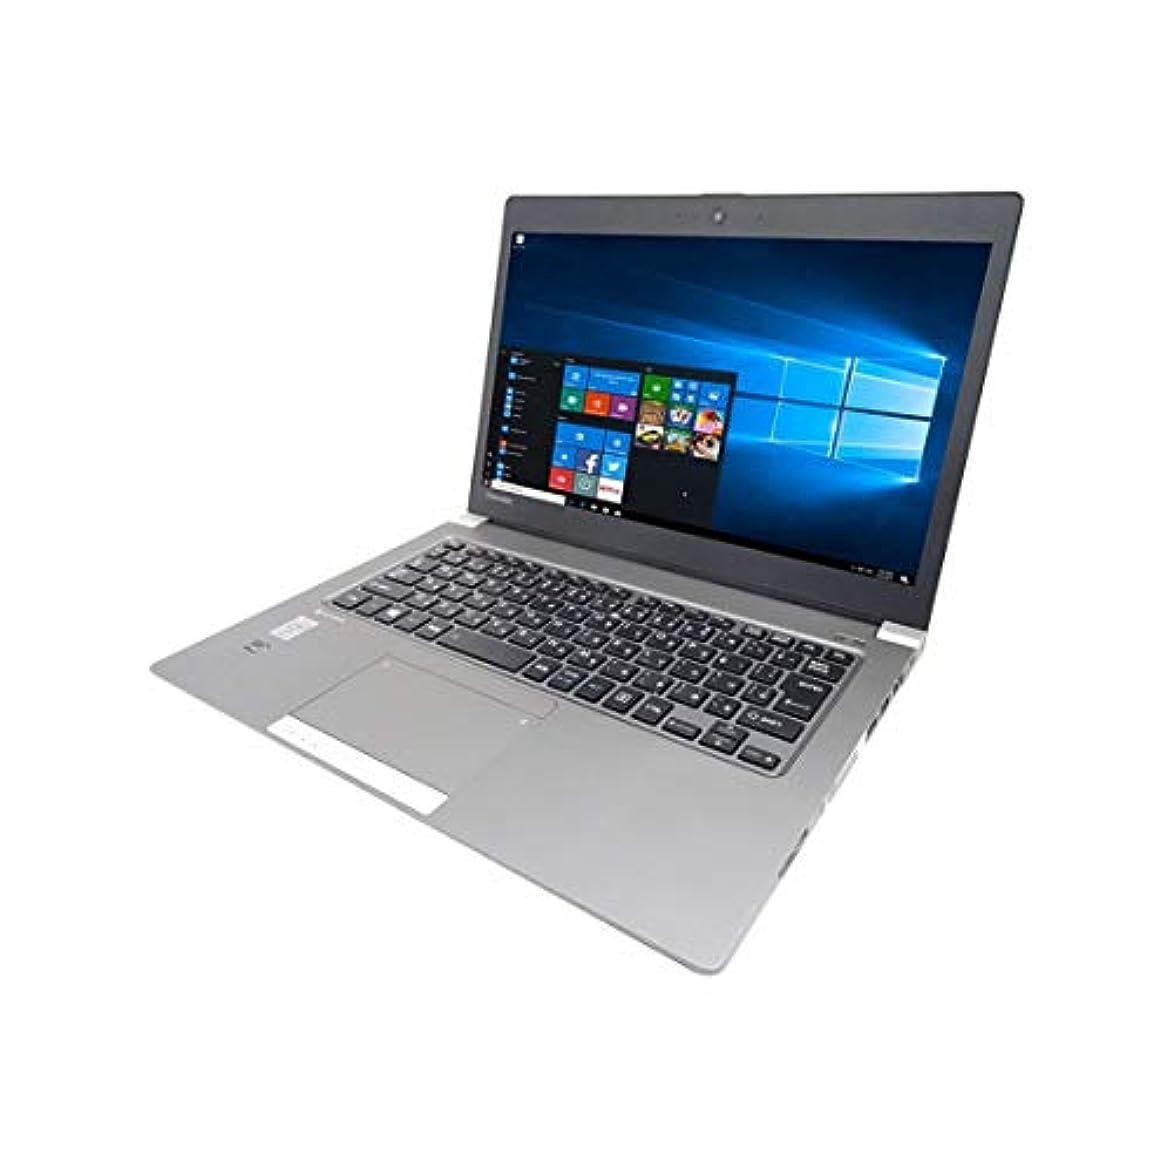 霧ねじれやけど【Microsoft Office 2016搭載】【Win 10搭載】TOSHIBA R634/第四世代Core i5-4300U 1.9GHz/新品メモリ:8GB/新品SSD:240GB/HDMI/USB 3.0/13.3型TFTカラー LED液晶/無線LAN/外付けHDD:250GB無料進呈/パワースリムモバイルPC/中古ノートパソコン (SSD:240GB)